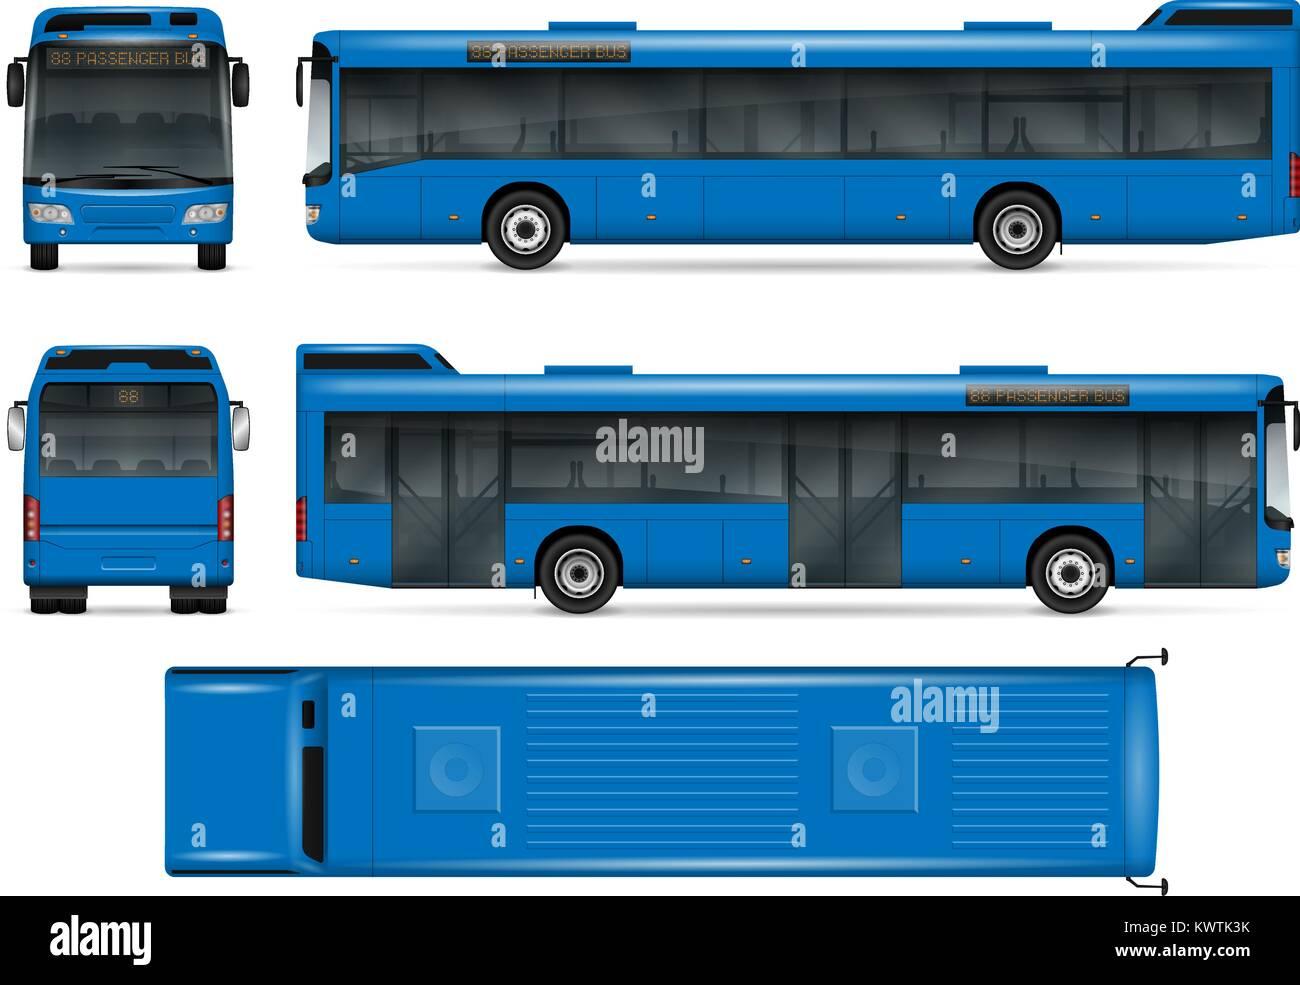 Blue Bus vektor Mock-up für Werbung, Corporate Identity. Isolierte ...